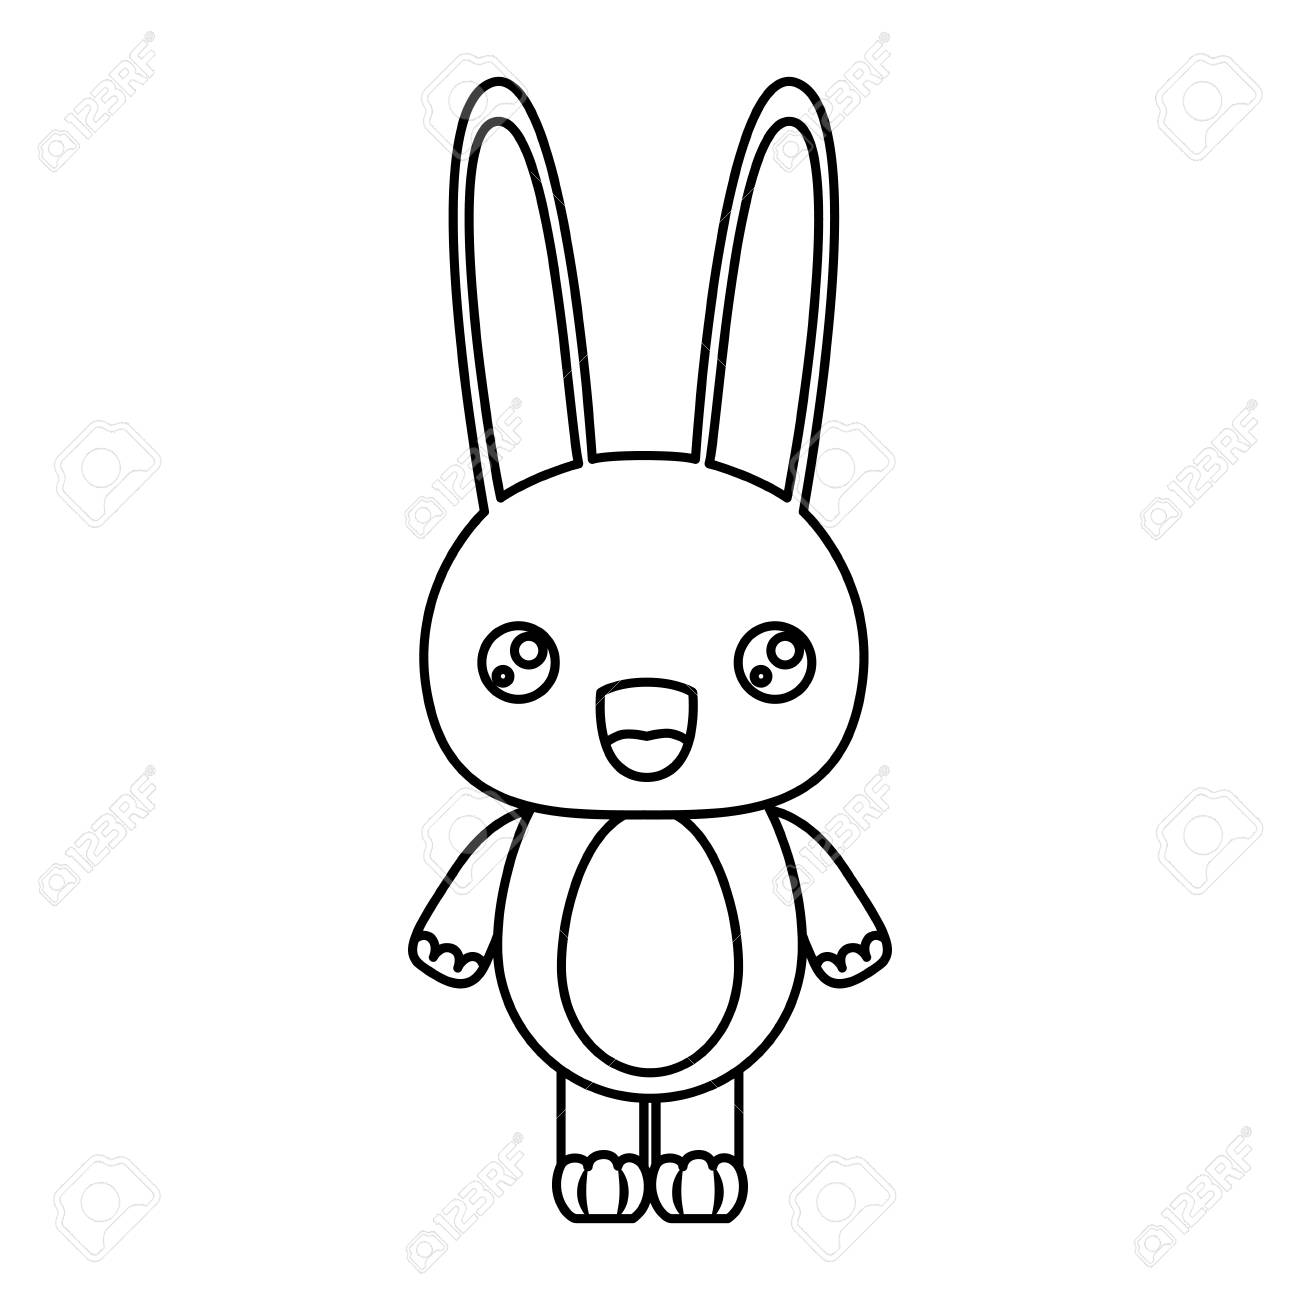 ウサギ動物のベクトル イラストの似顔絵かわいい驚き表情のシルエットを